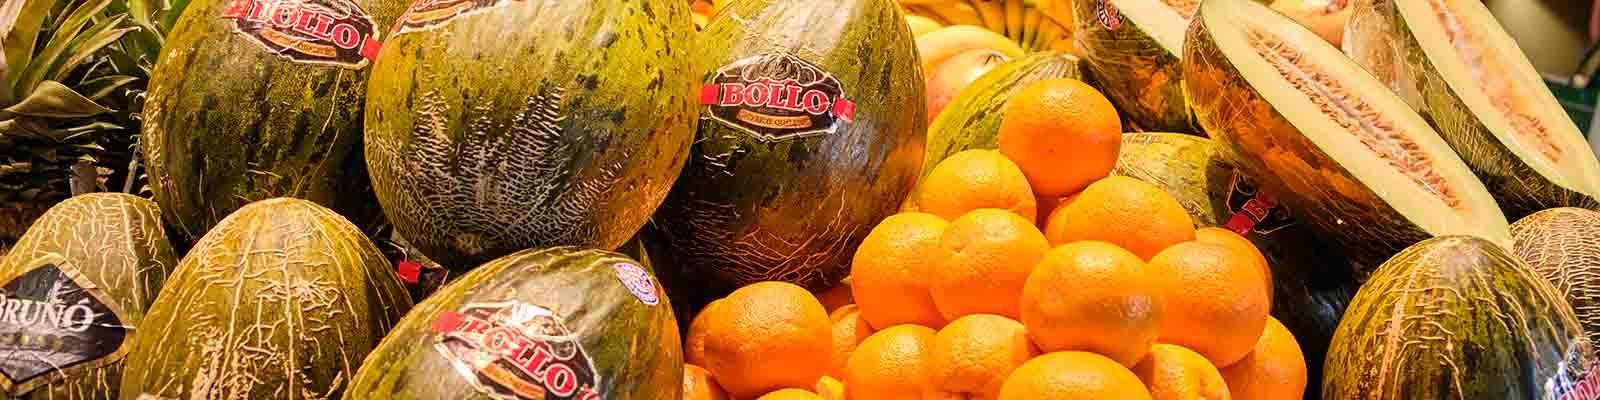 L'Amanida, frutas y verduras